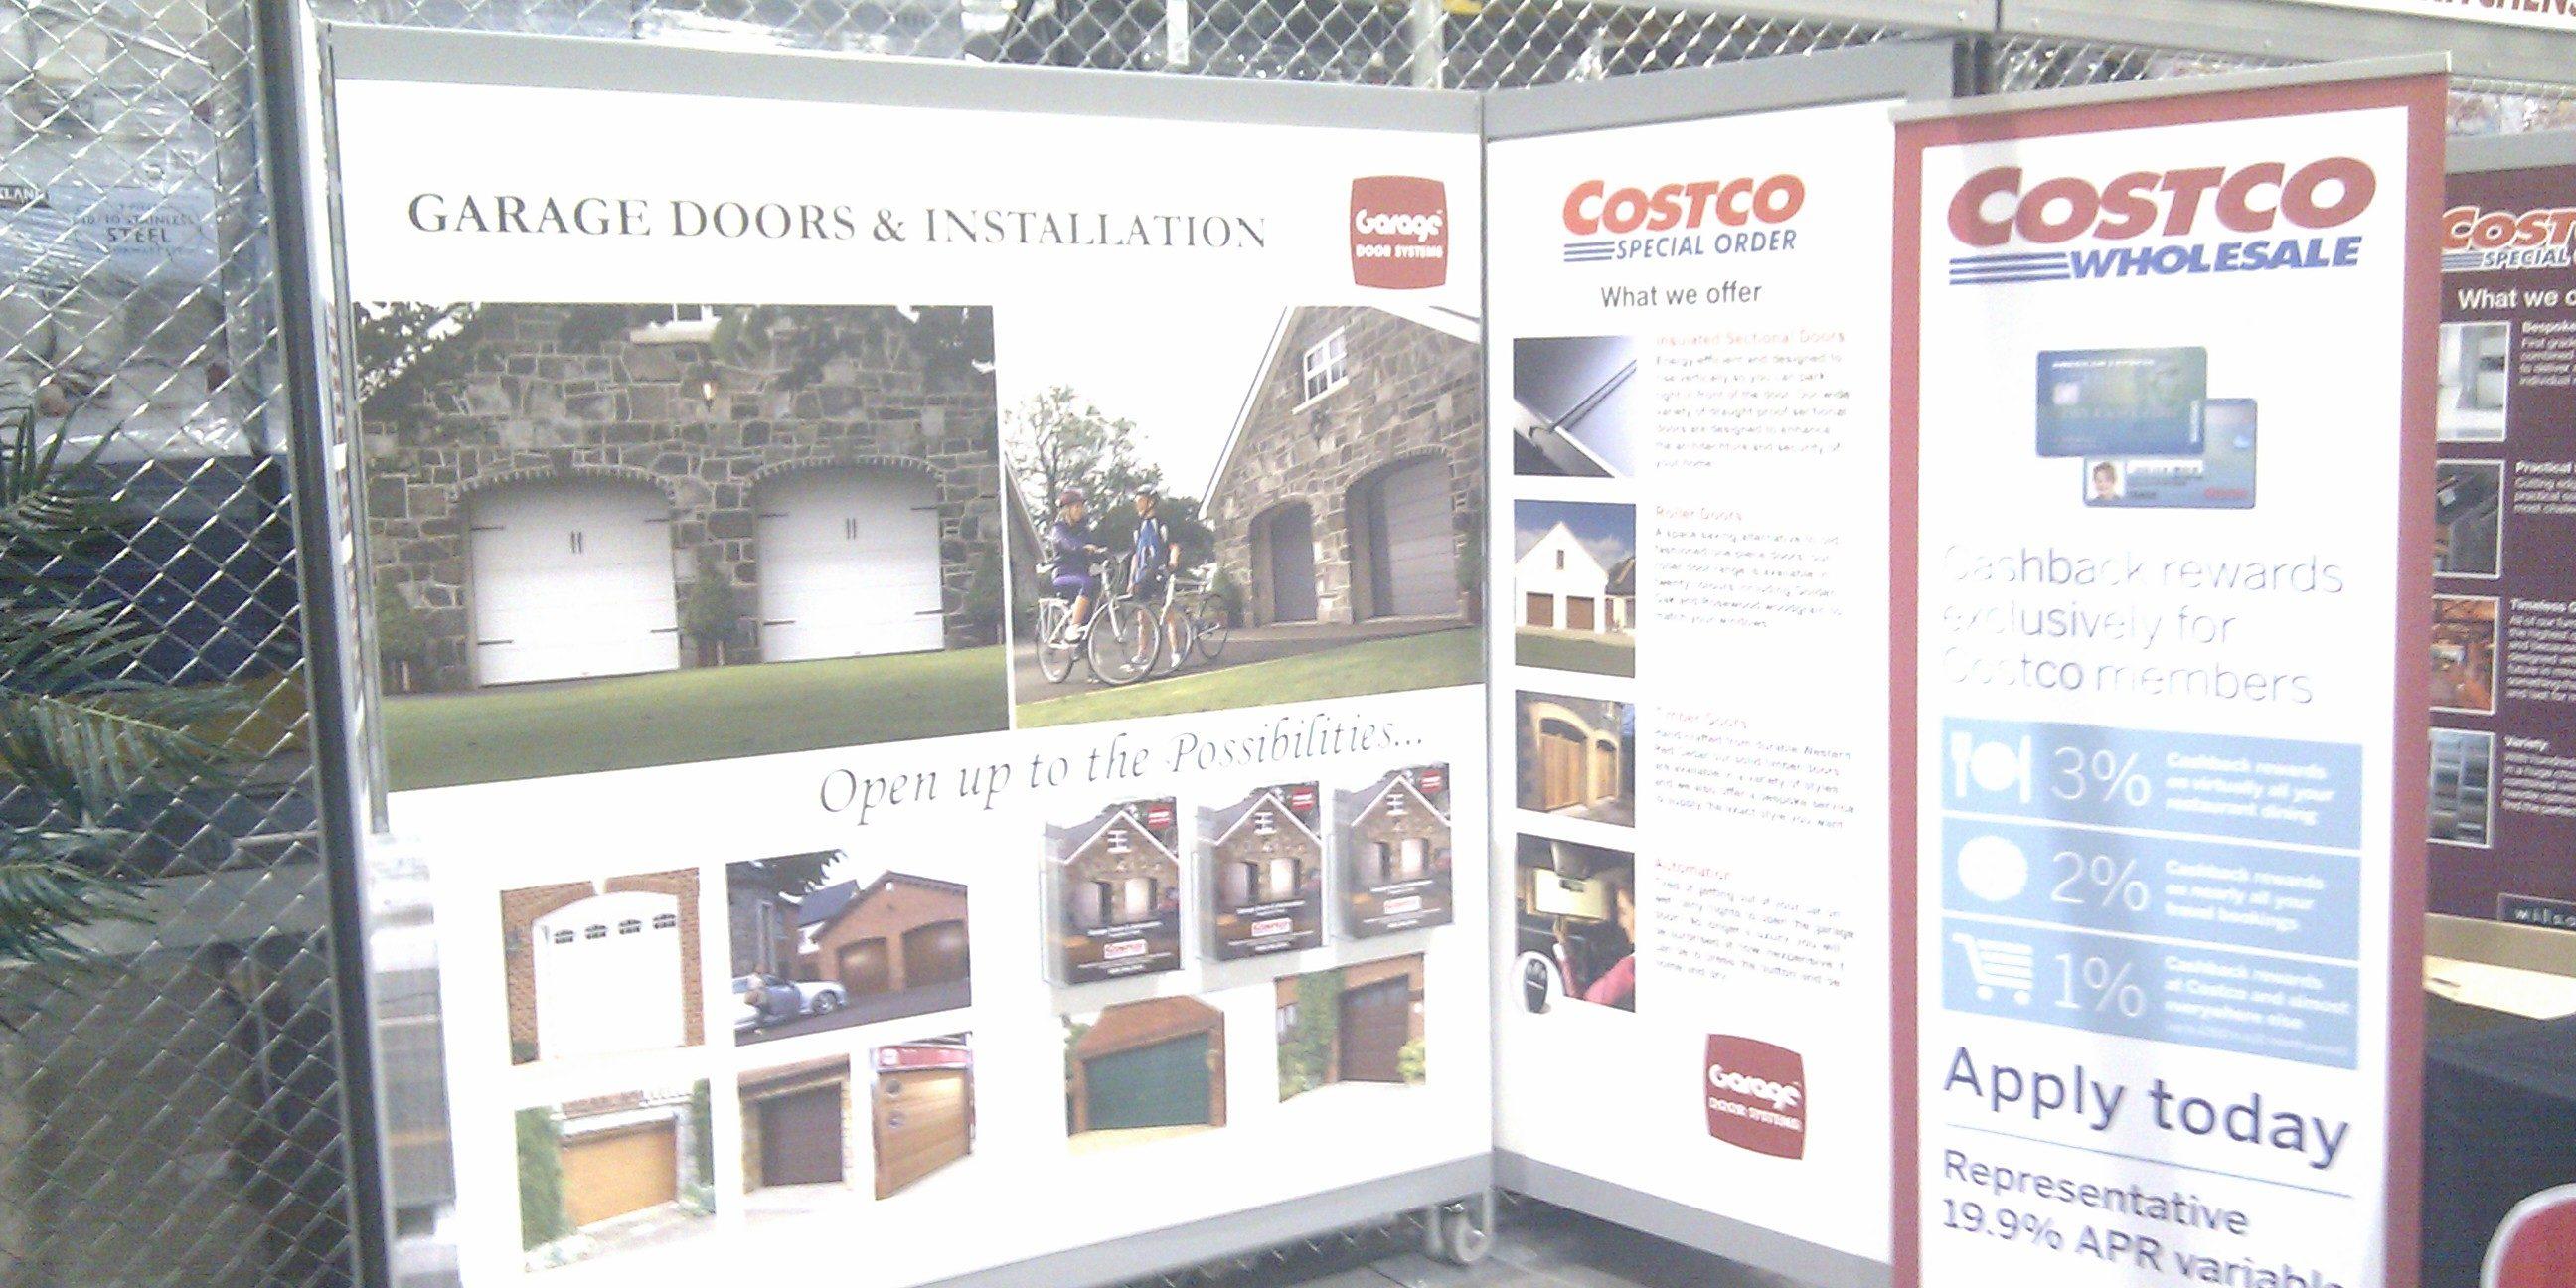 Insulated garage doors costco - Garage Doors Leicester Costco 2